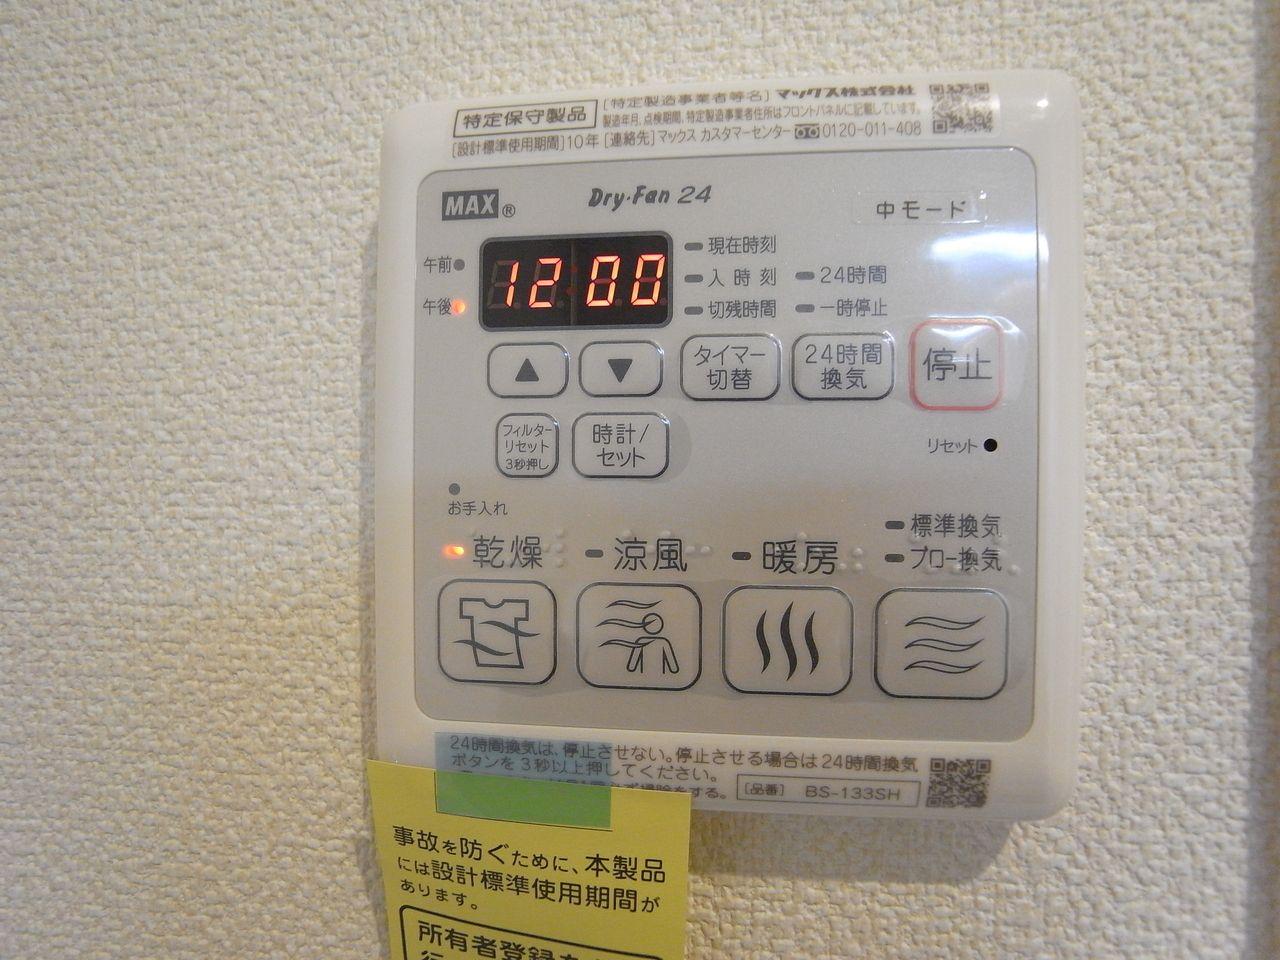 便利な乾燥や暖房機能付き